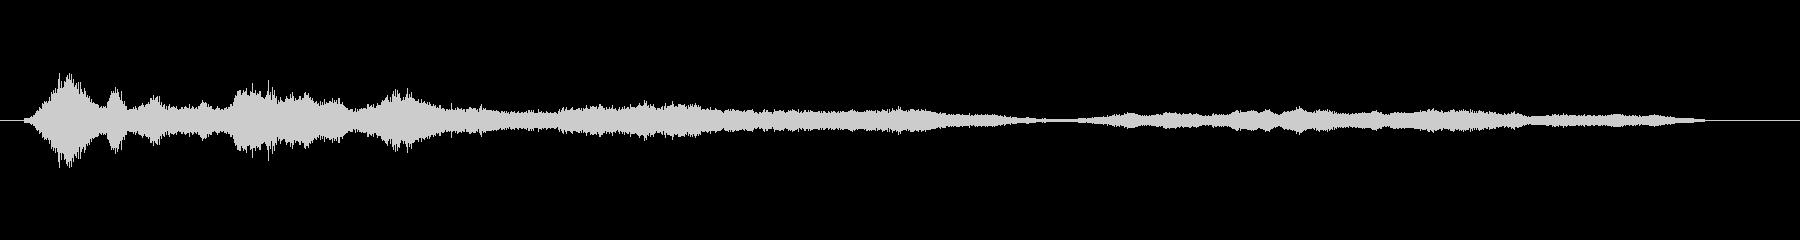 メタル スクワイルブライトロング03の未再生の波形